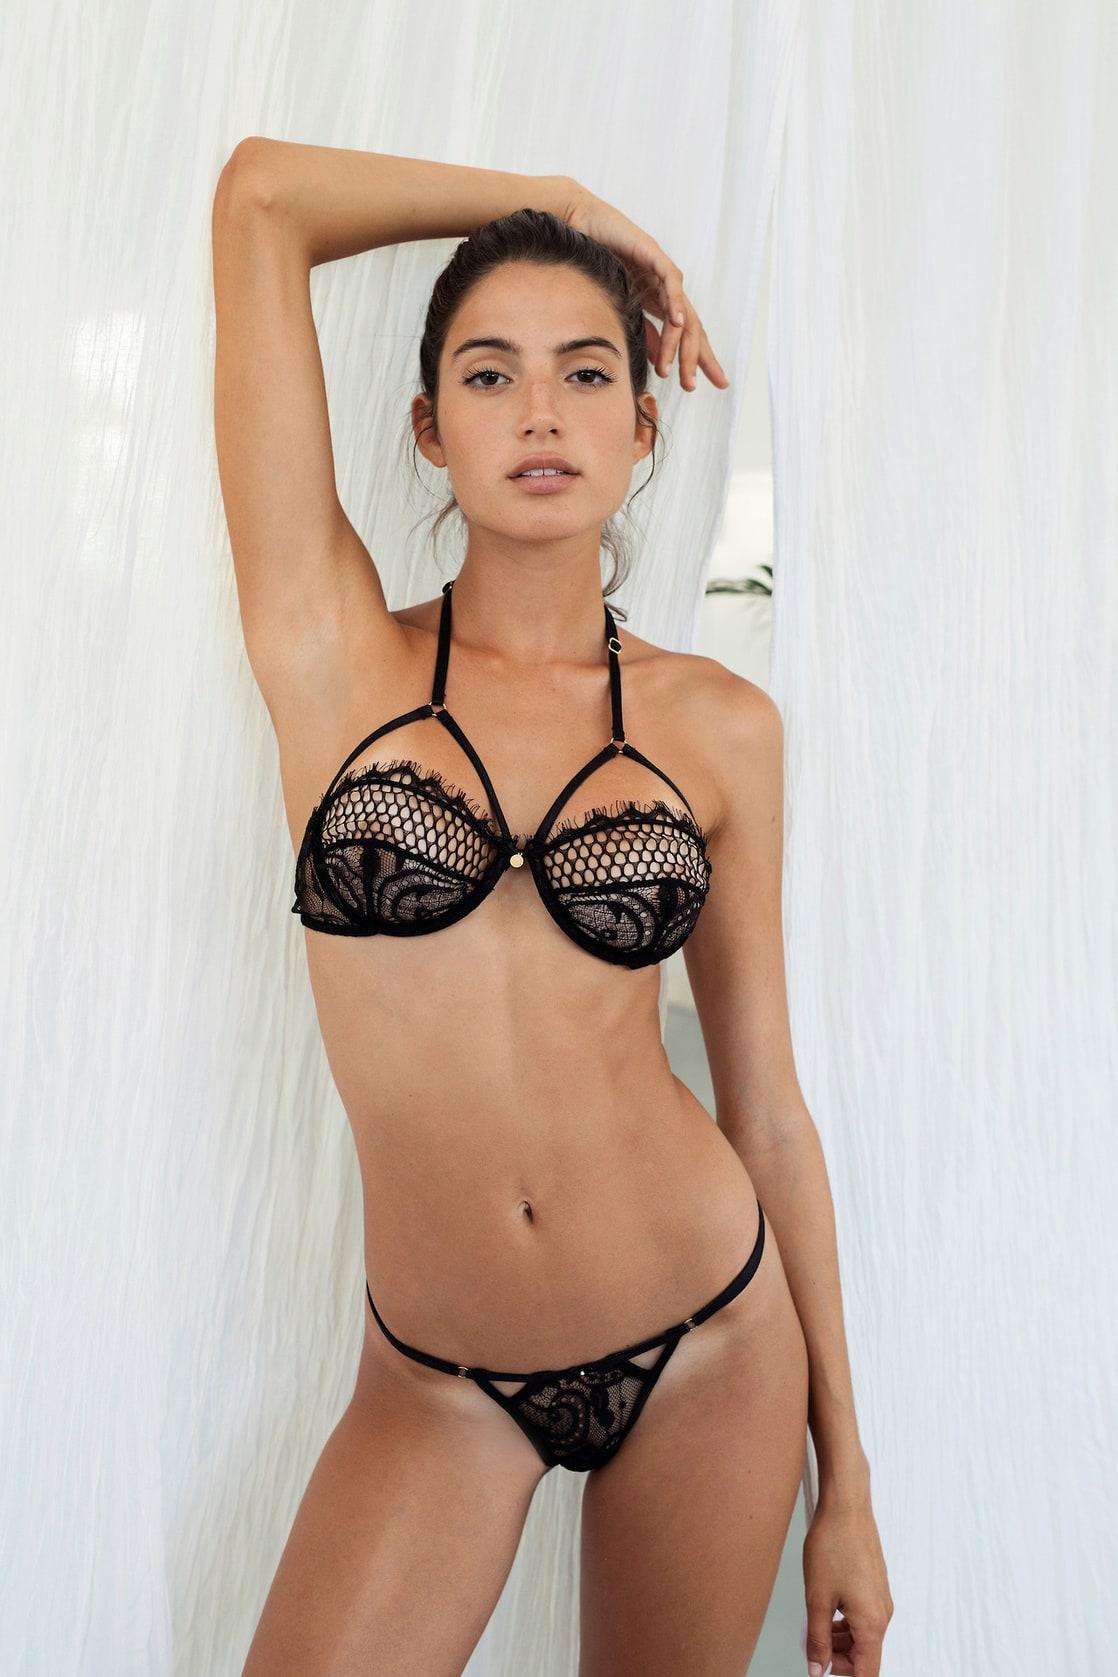 Hot Rafaella Consentino nude photos 2019